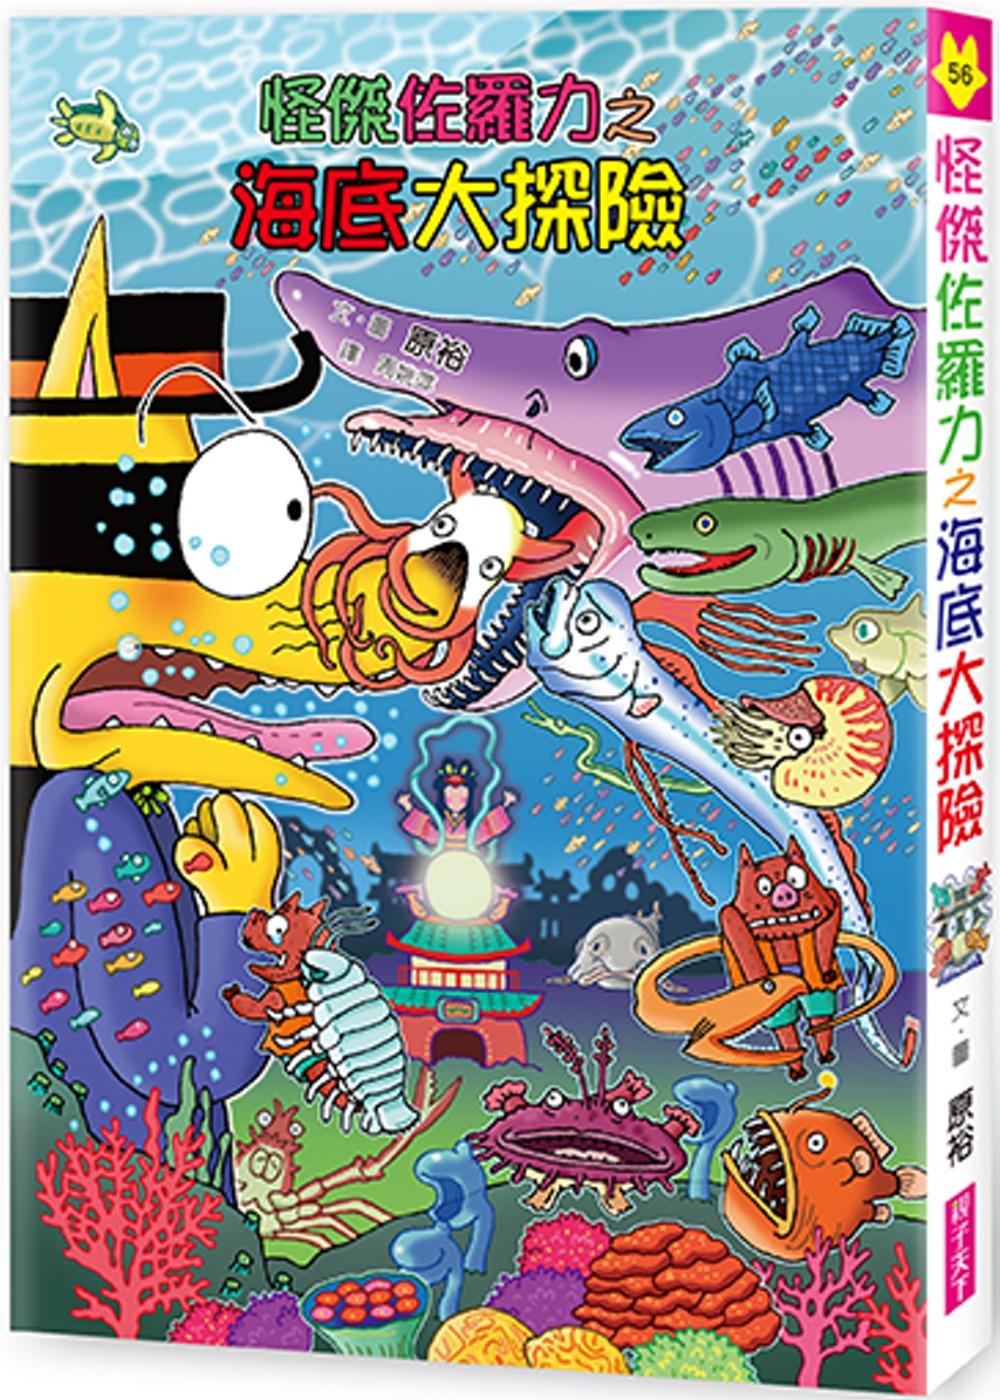 怪傑佐羅力之海底大探險